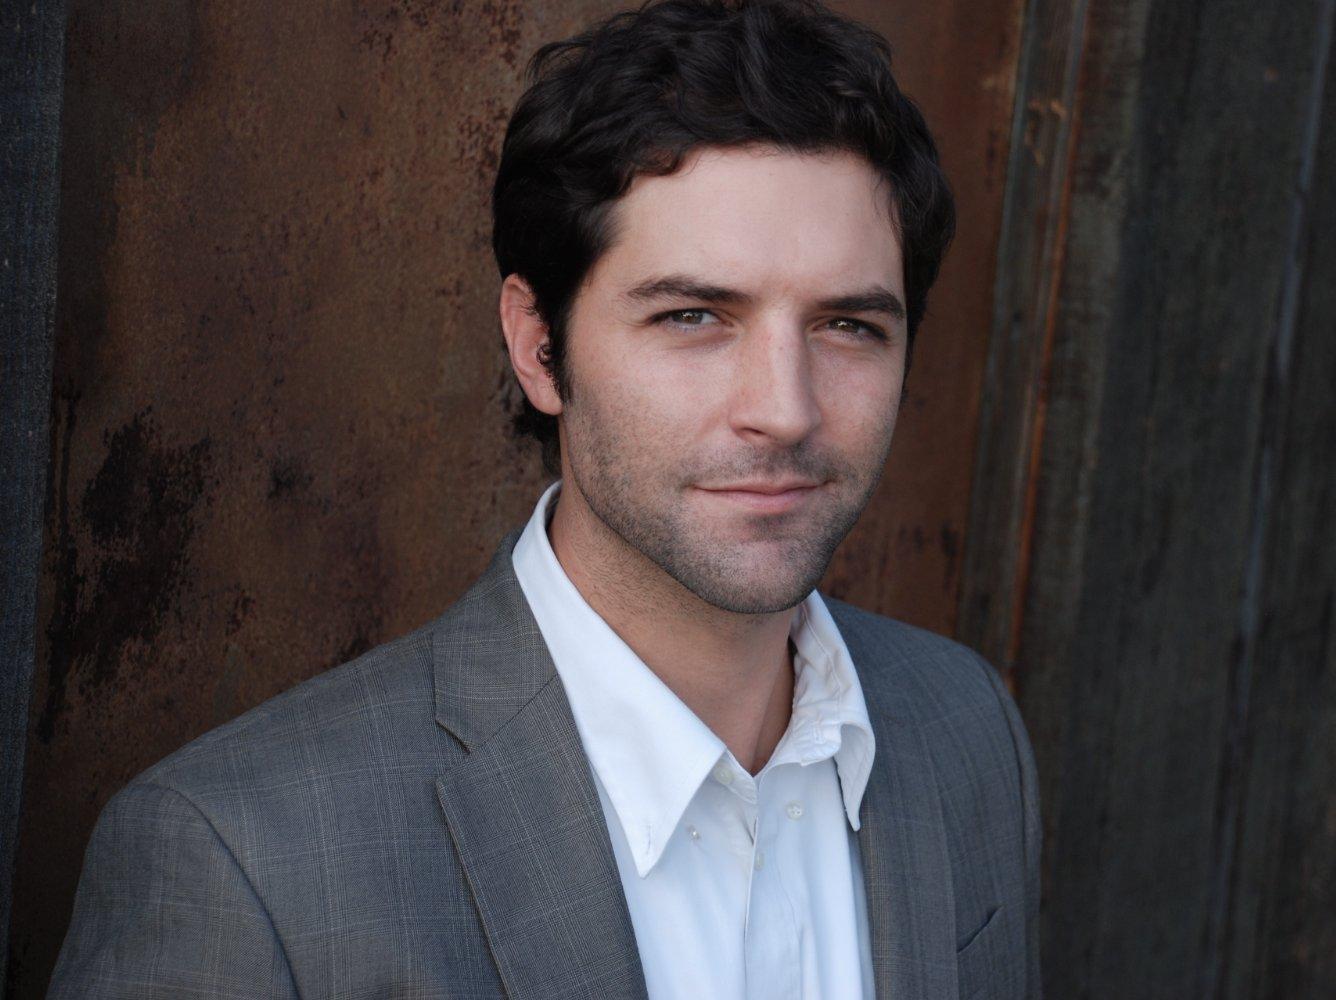 Matt Zeigler